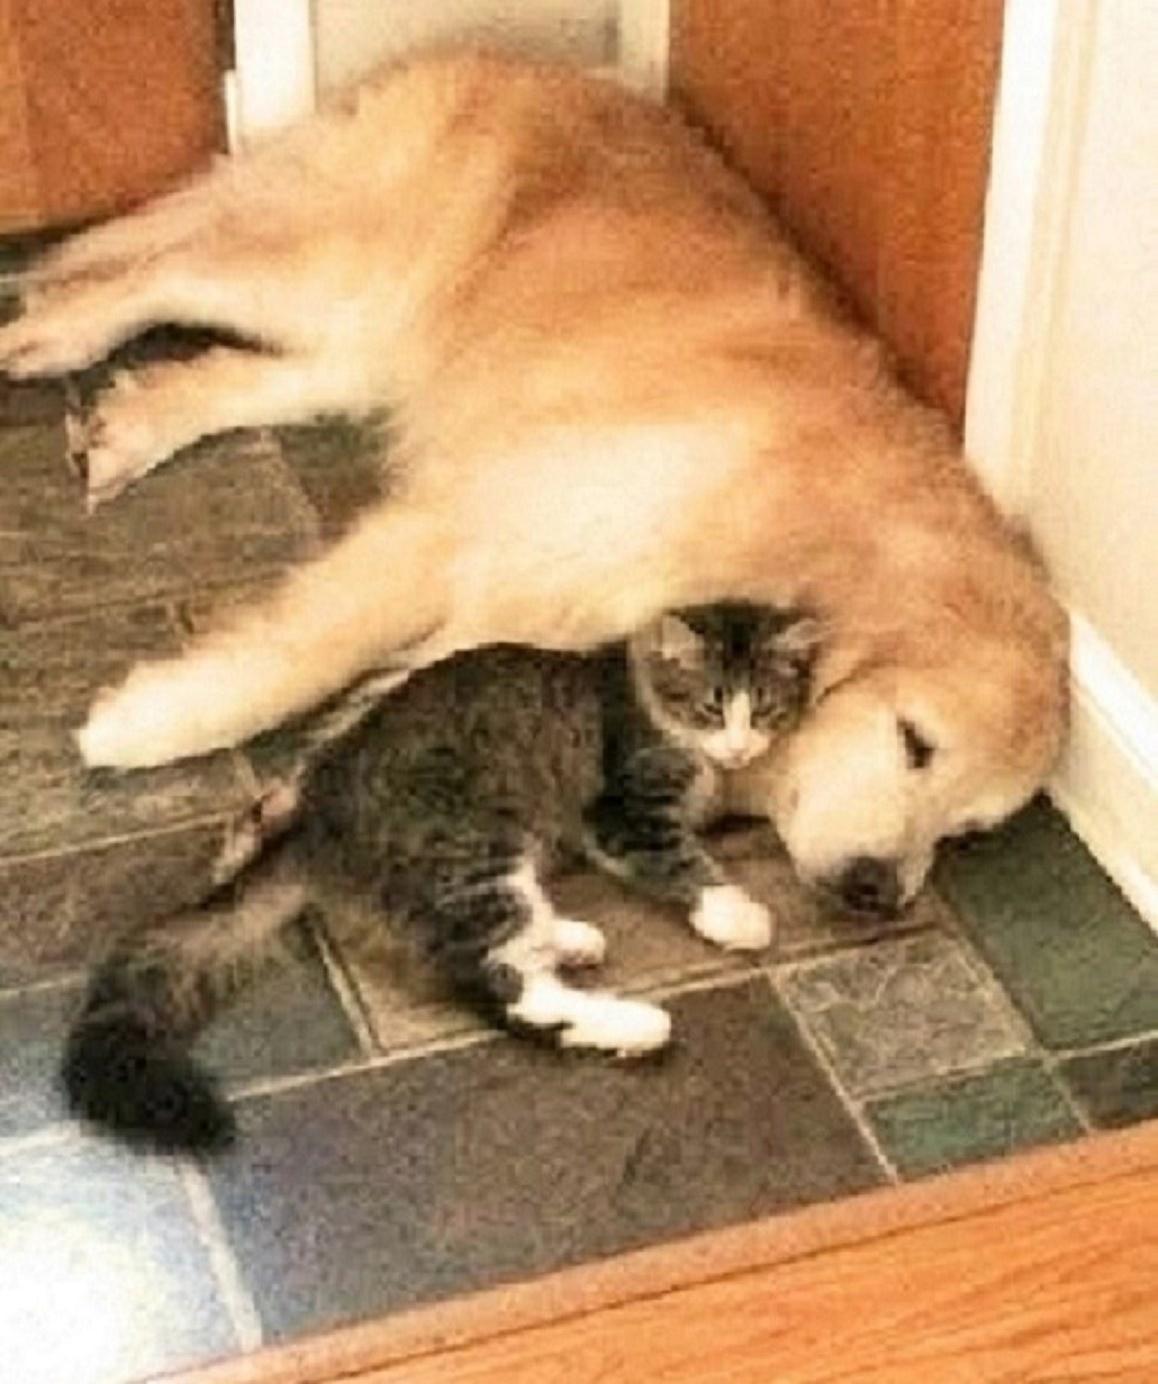 分離不安に苦しむワンちゃん。彼女を『寂しさ』から救い出したのは、1匹の保護子猫でした(6枚)